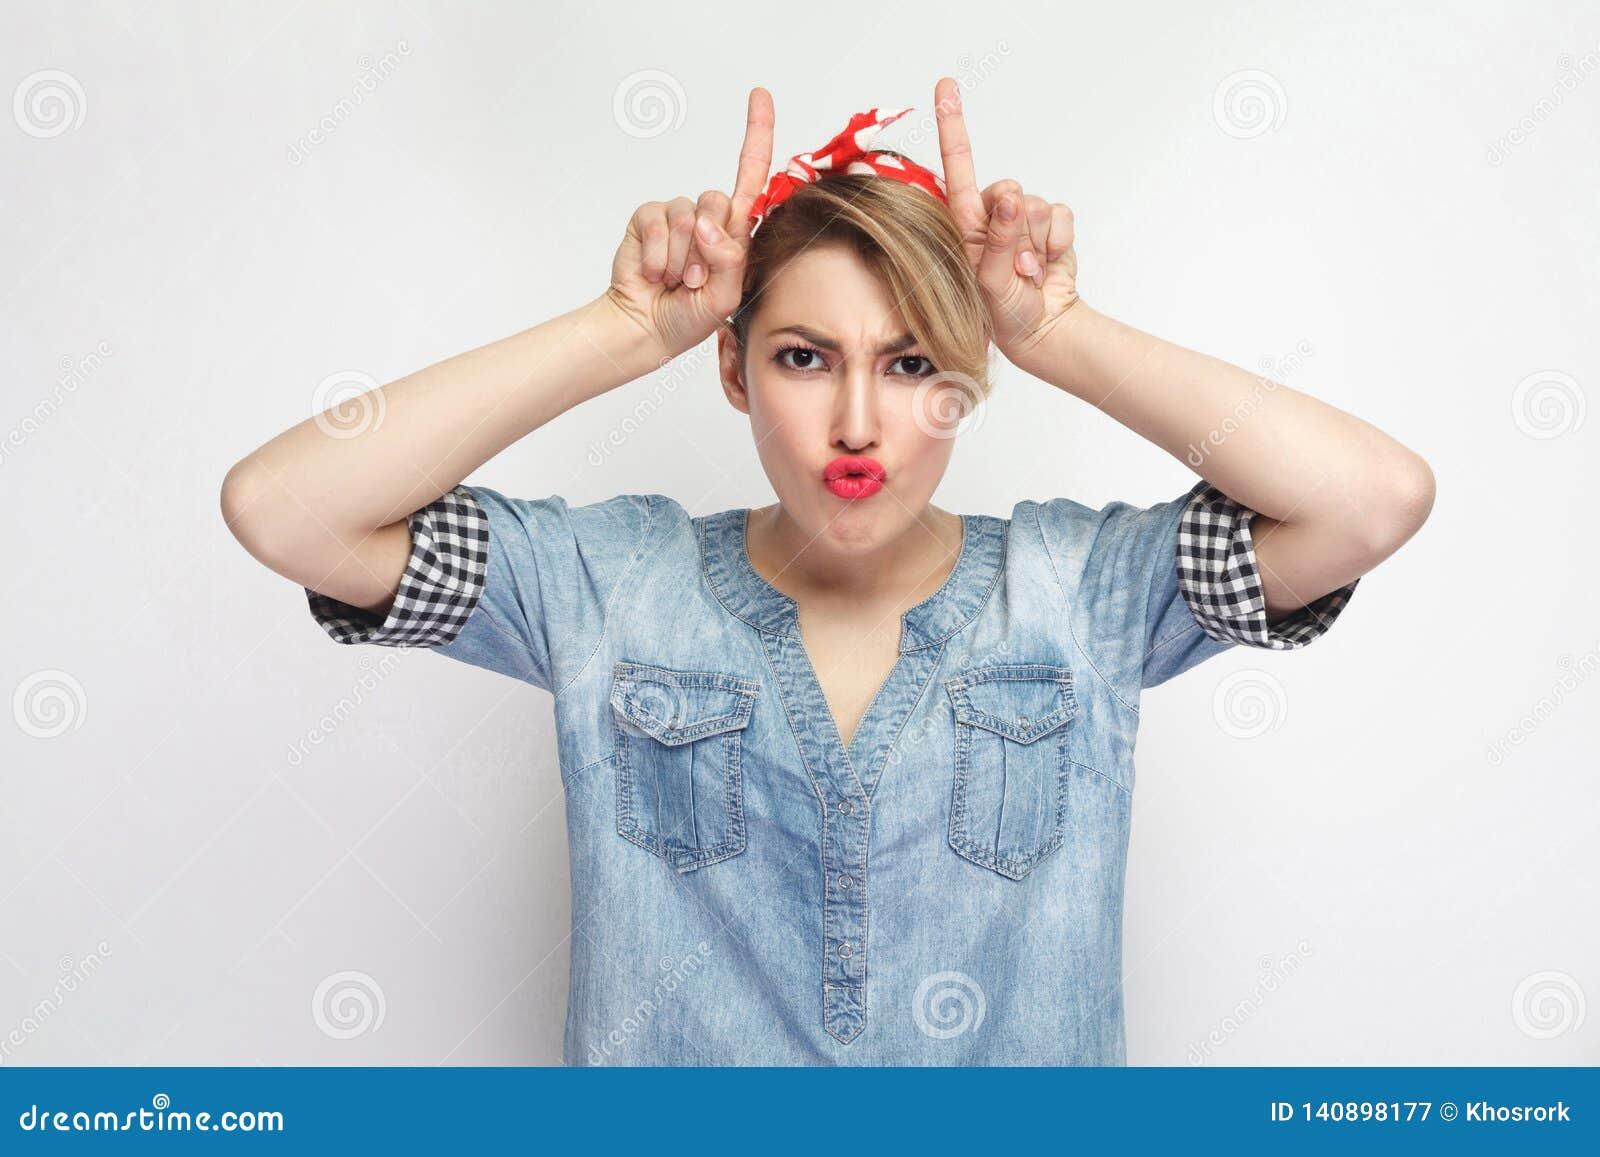 Portret van grappige mooie jonge vrouw in toevallig blauw denimoverhemd met make-up en rode hoofdband die zich met hoornenhanden